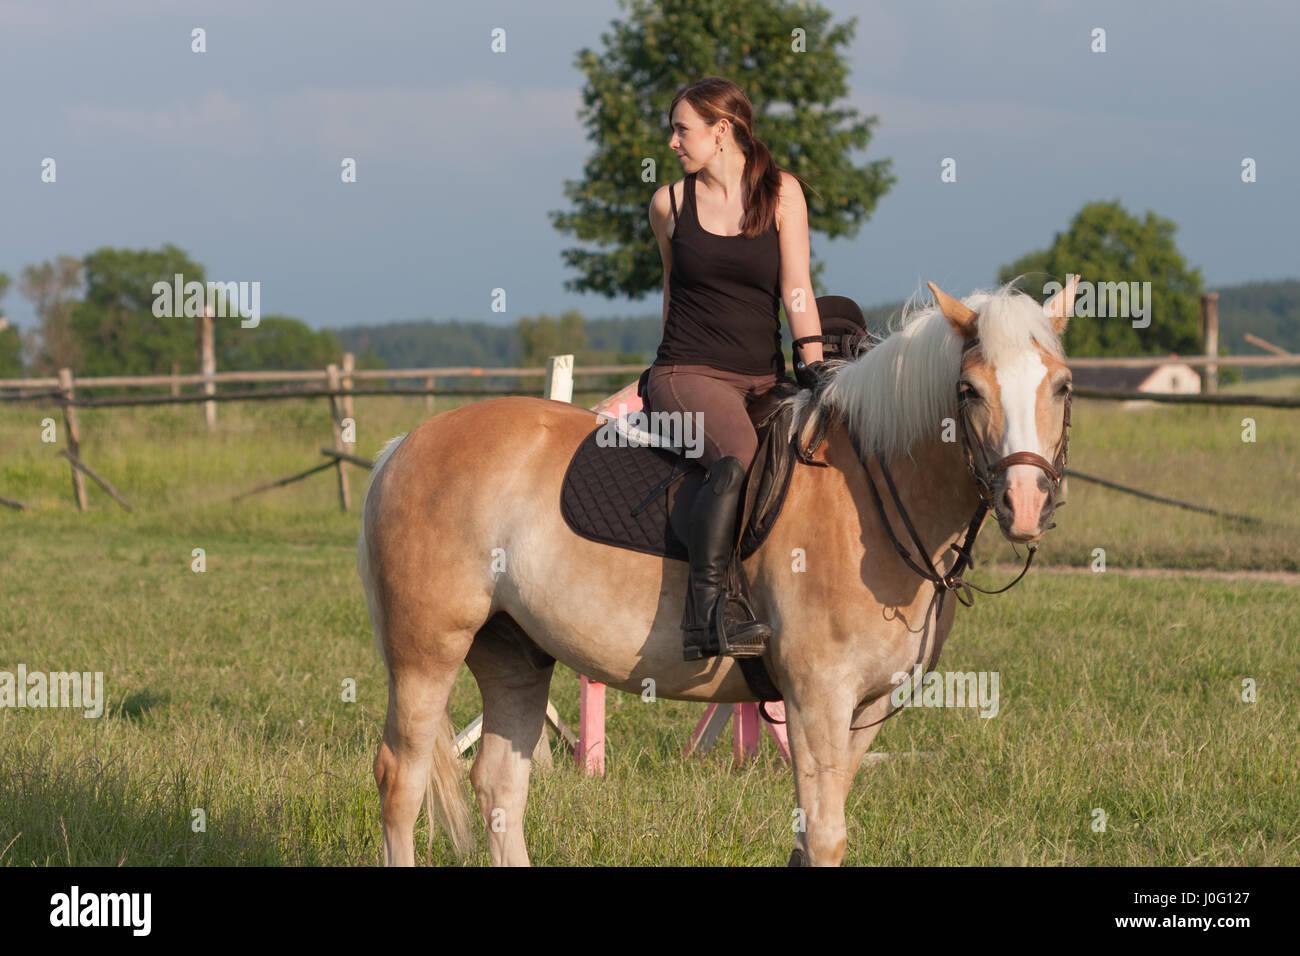 pferd fickt junge frau